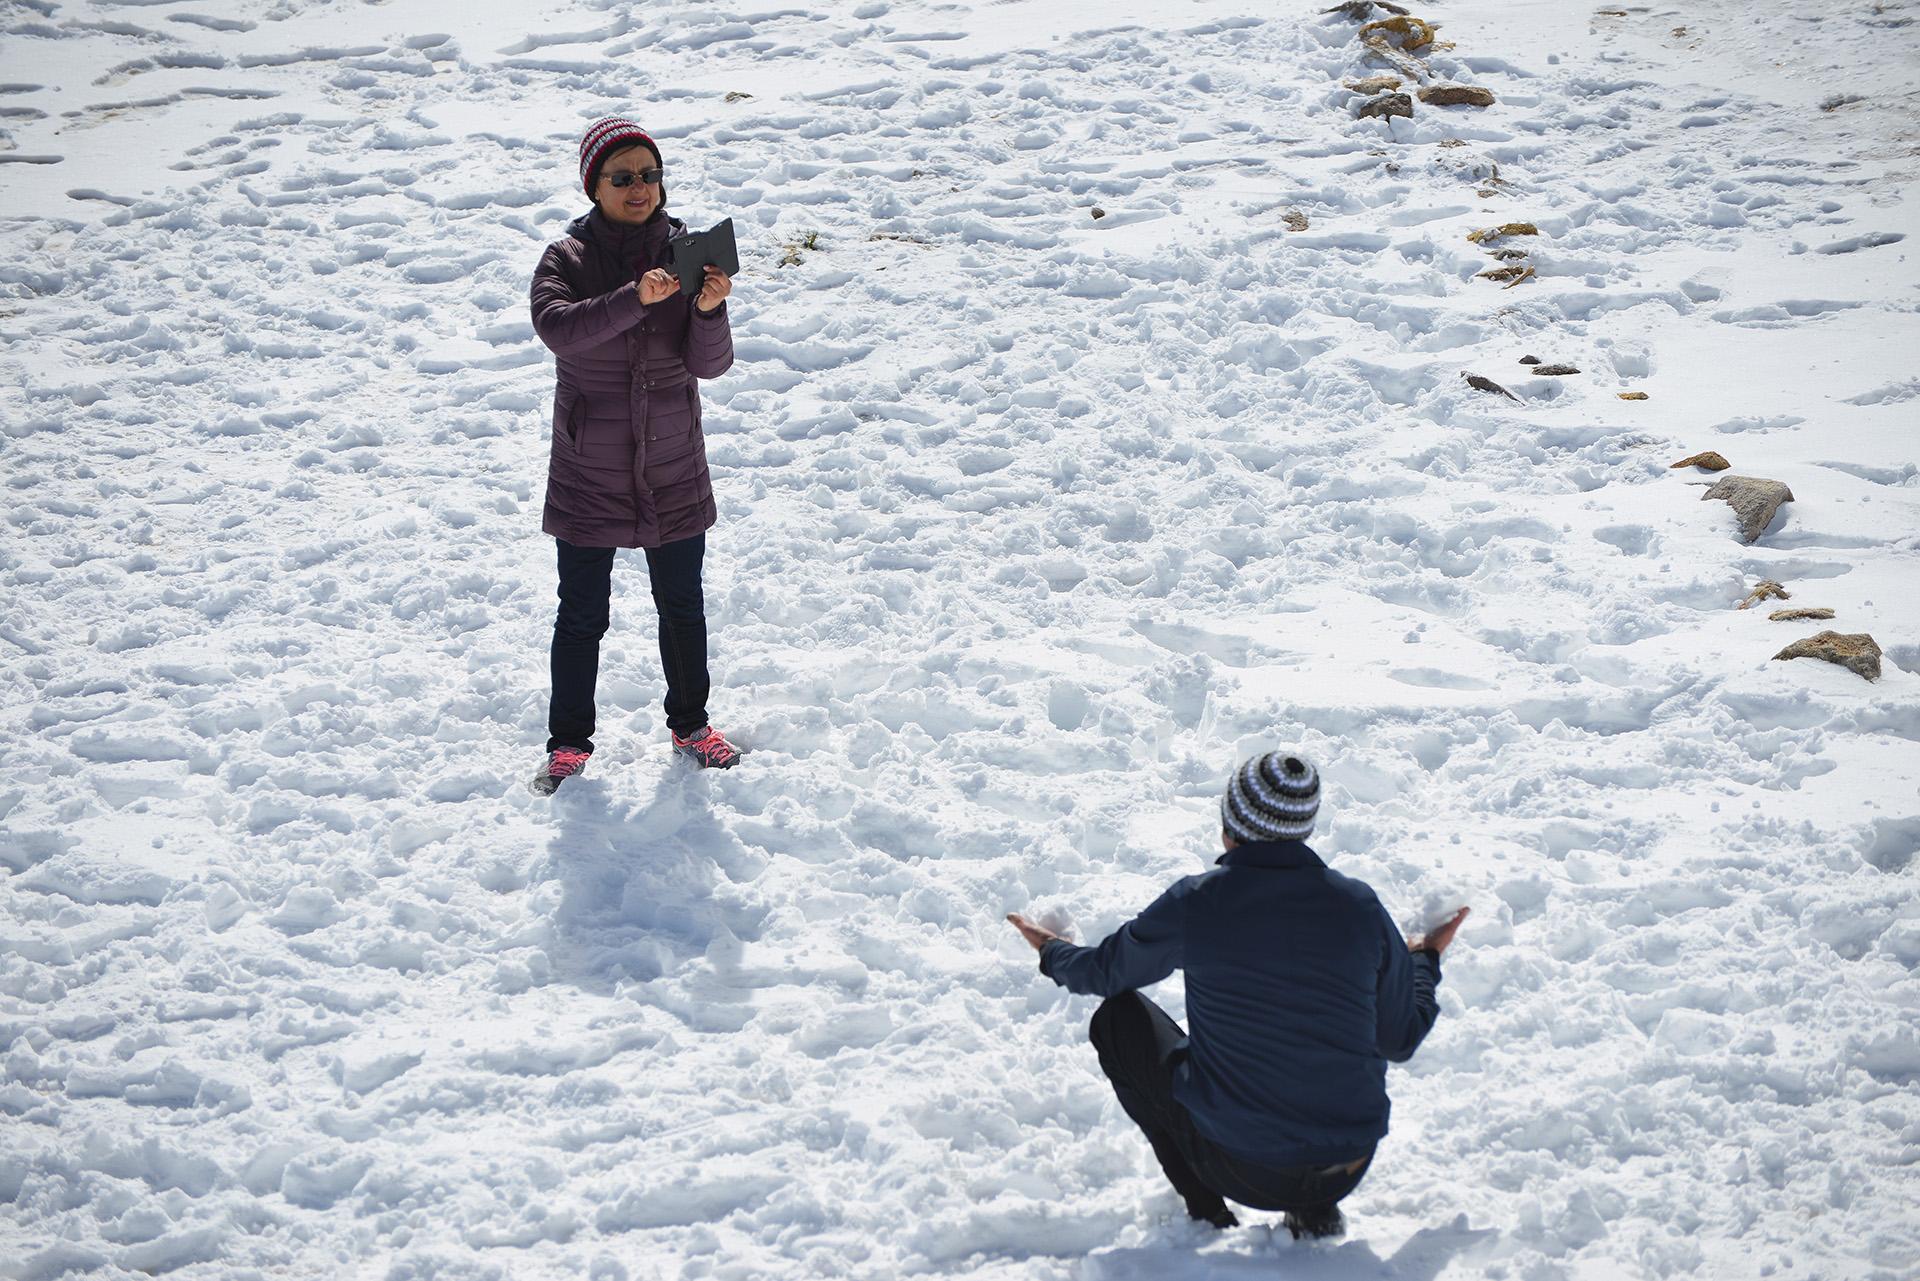 El frente frío también se hizo presente en la localidad de Esquel